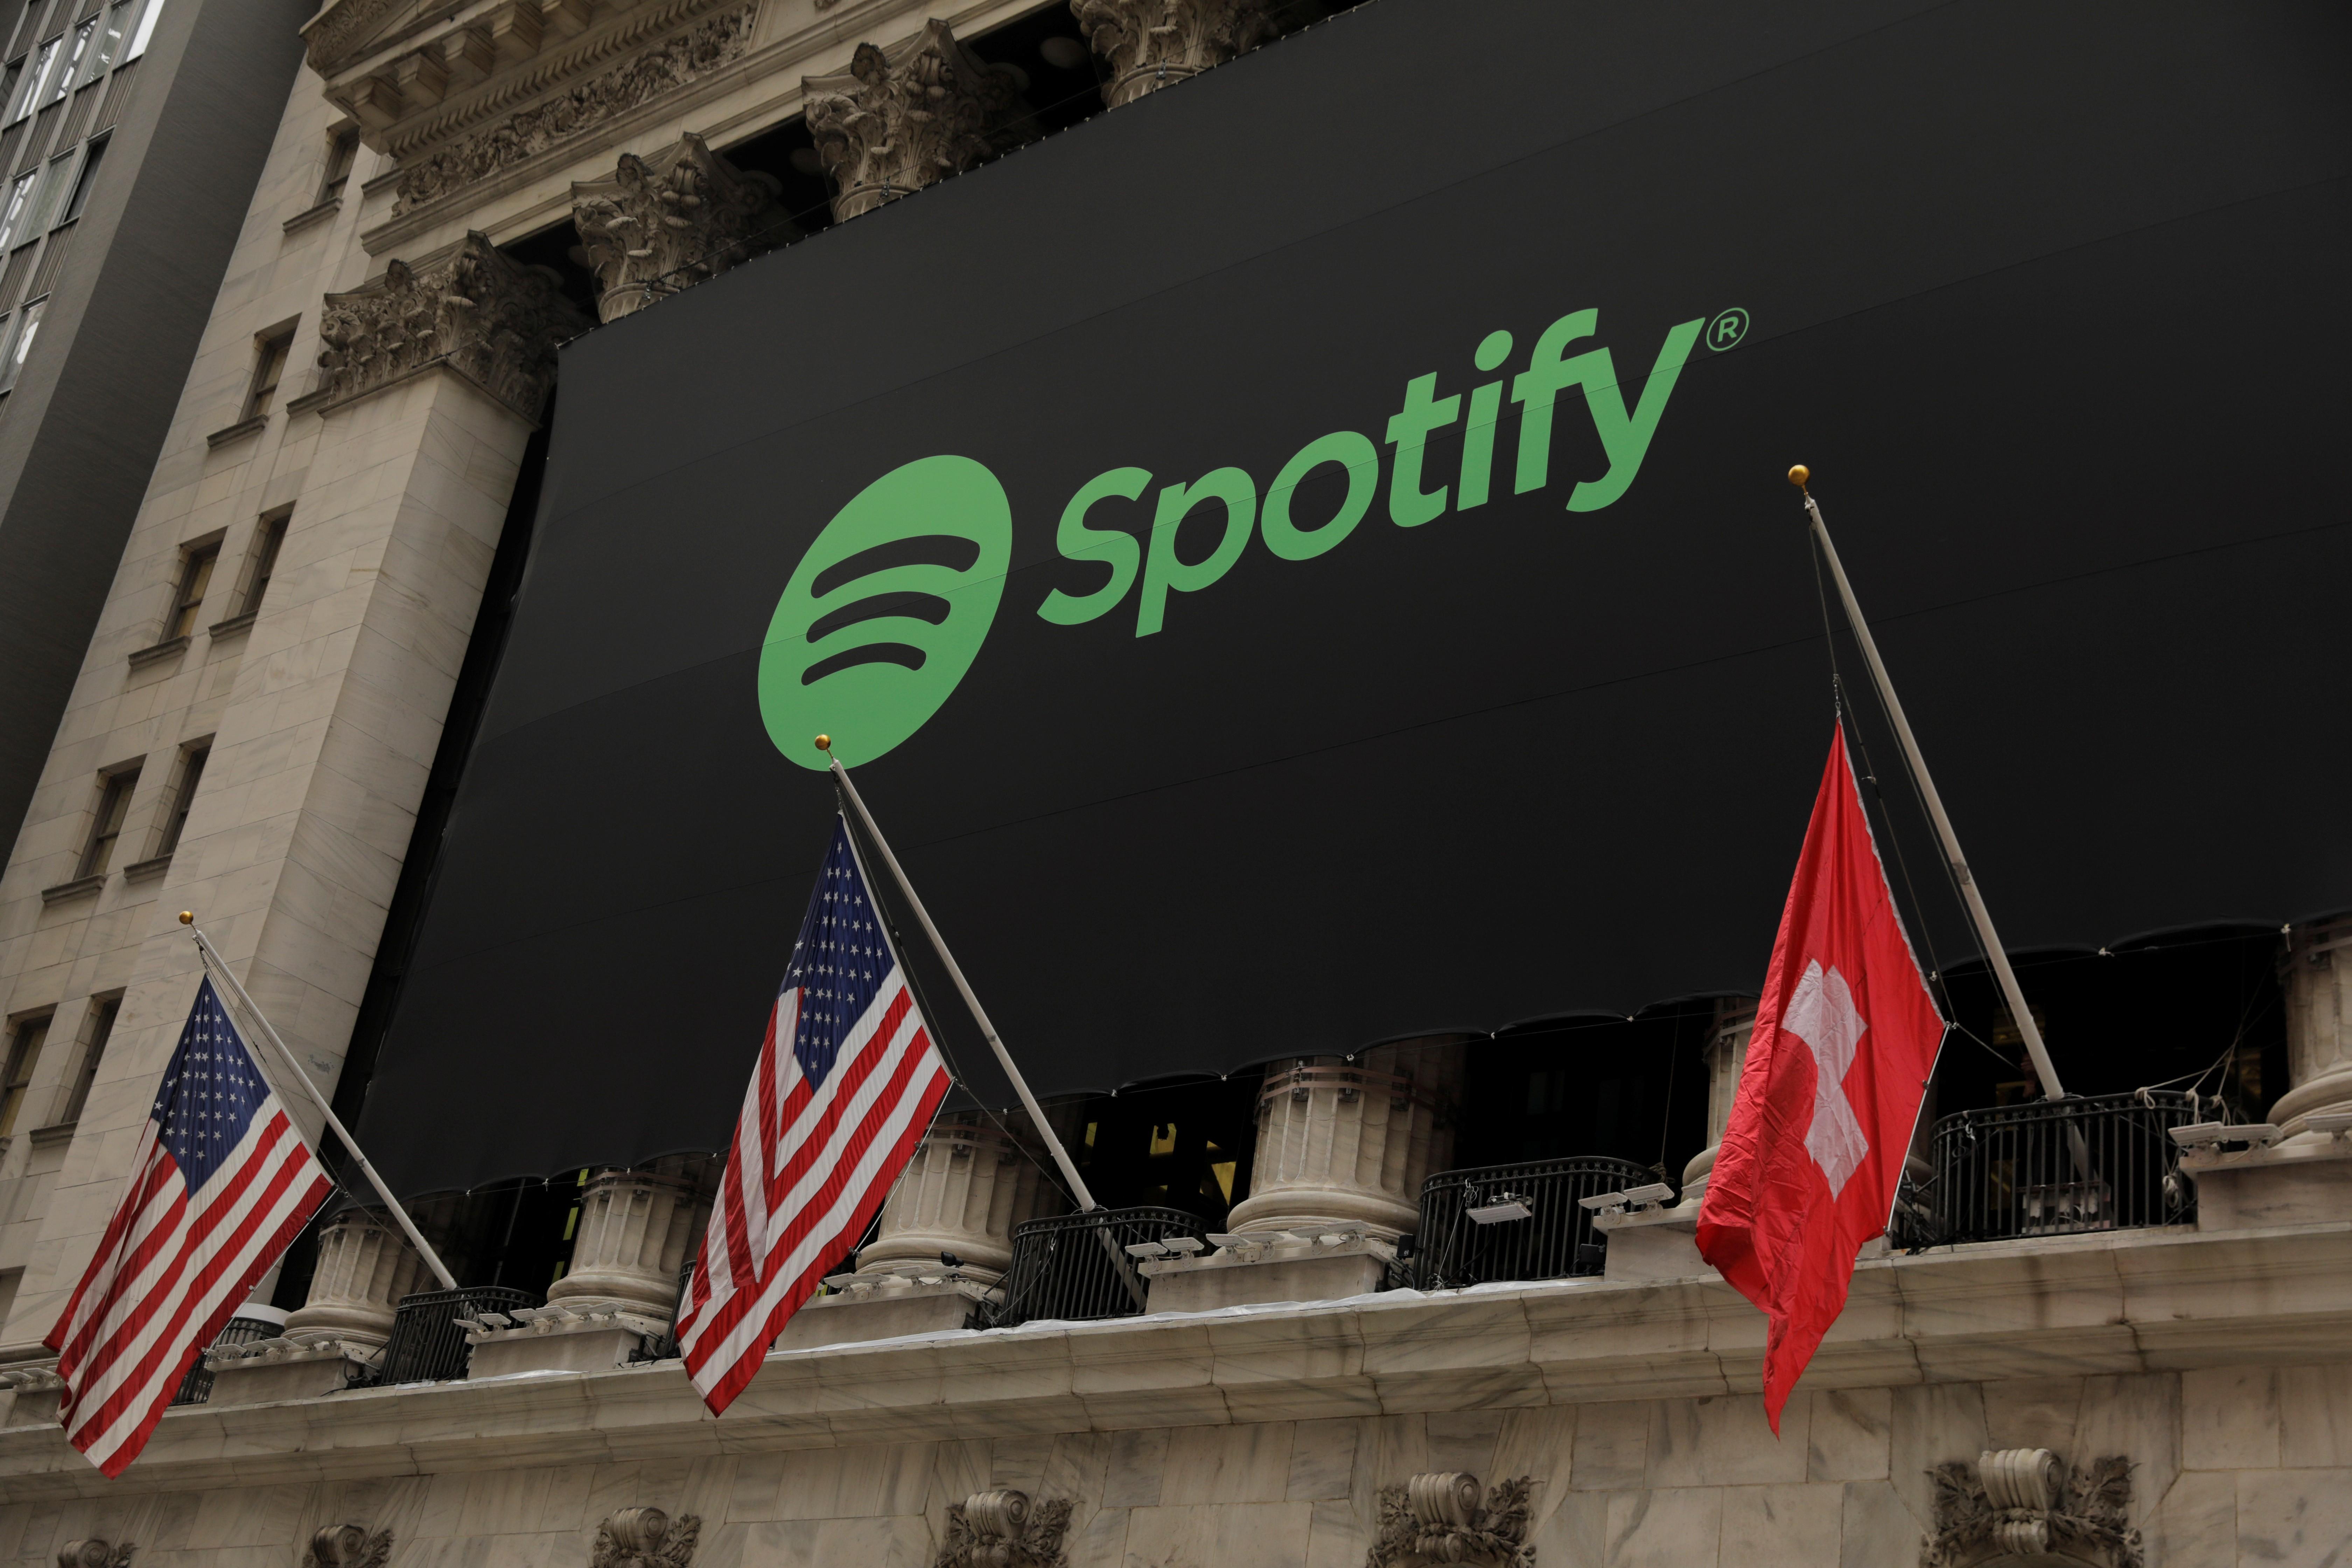 Spotify obriga trocas de senha após ataque mirar 350 mil usuários que 'reciclaram' credenciais de acesso